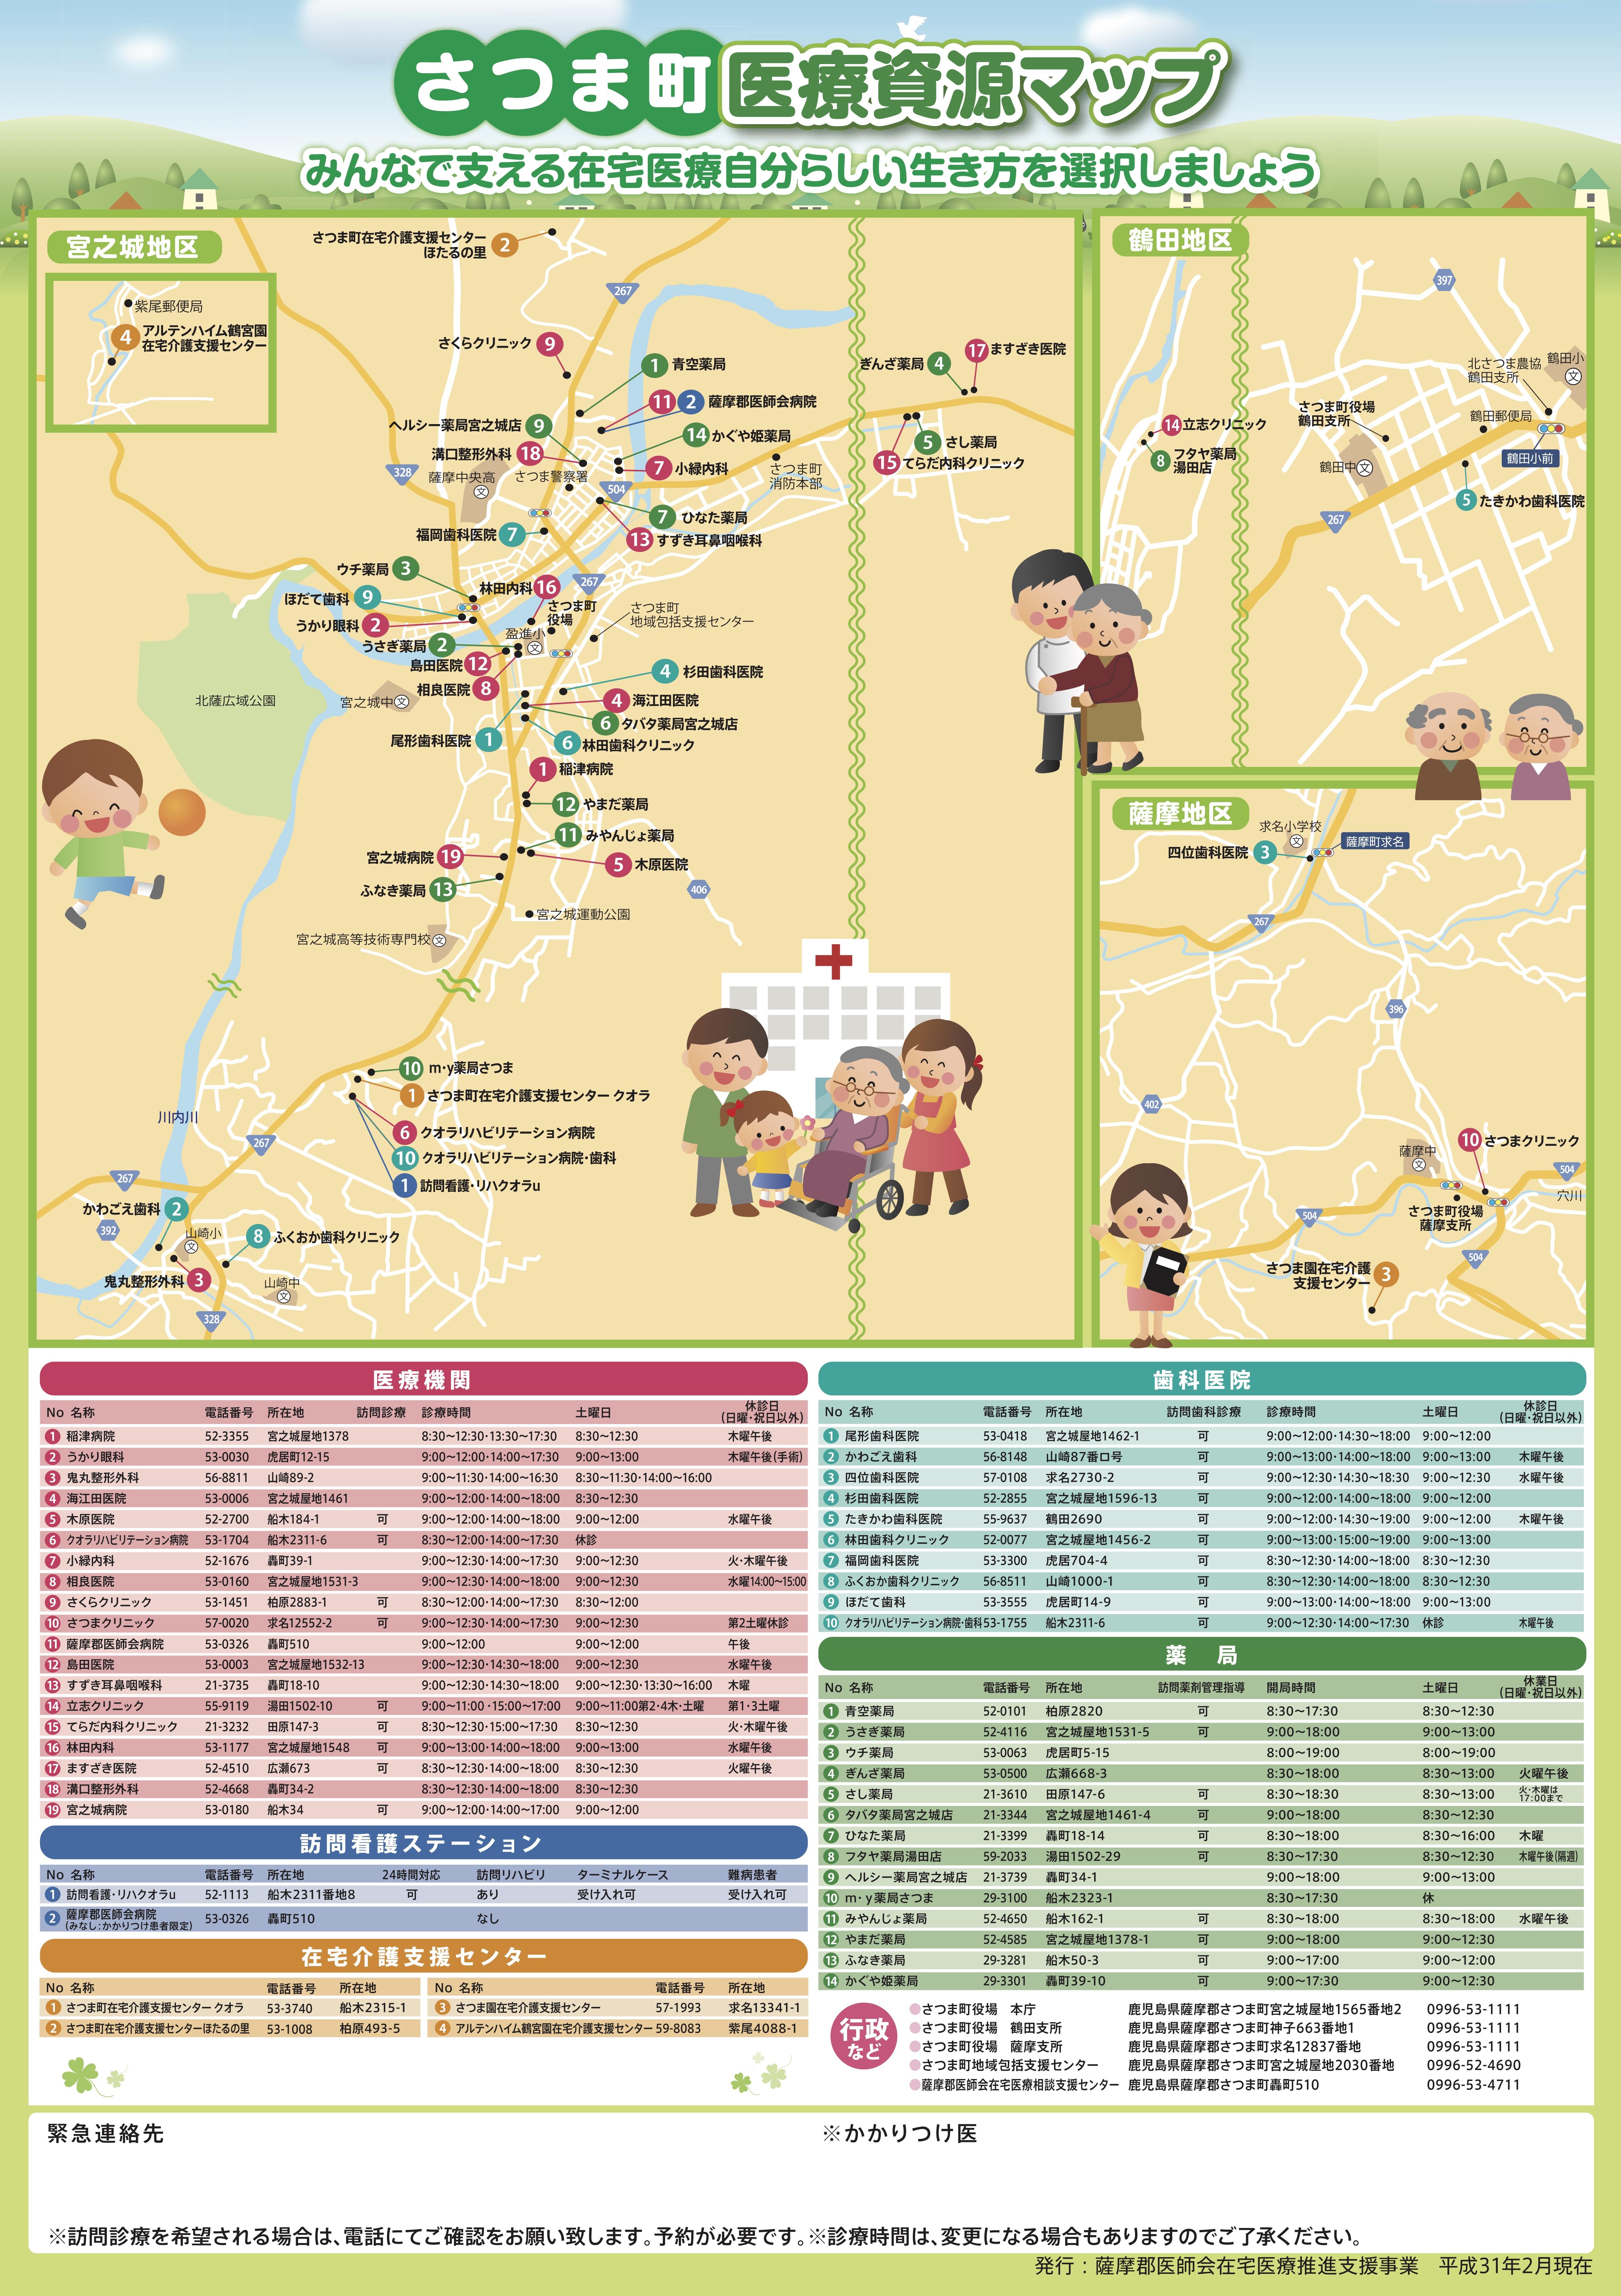 さつま町医療資源マップ